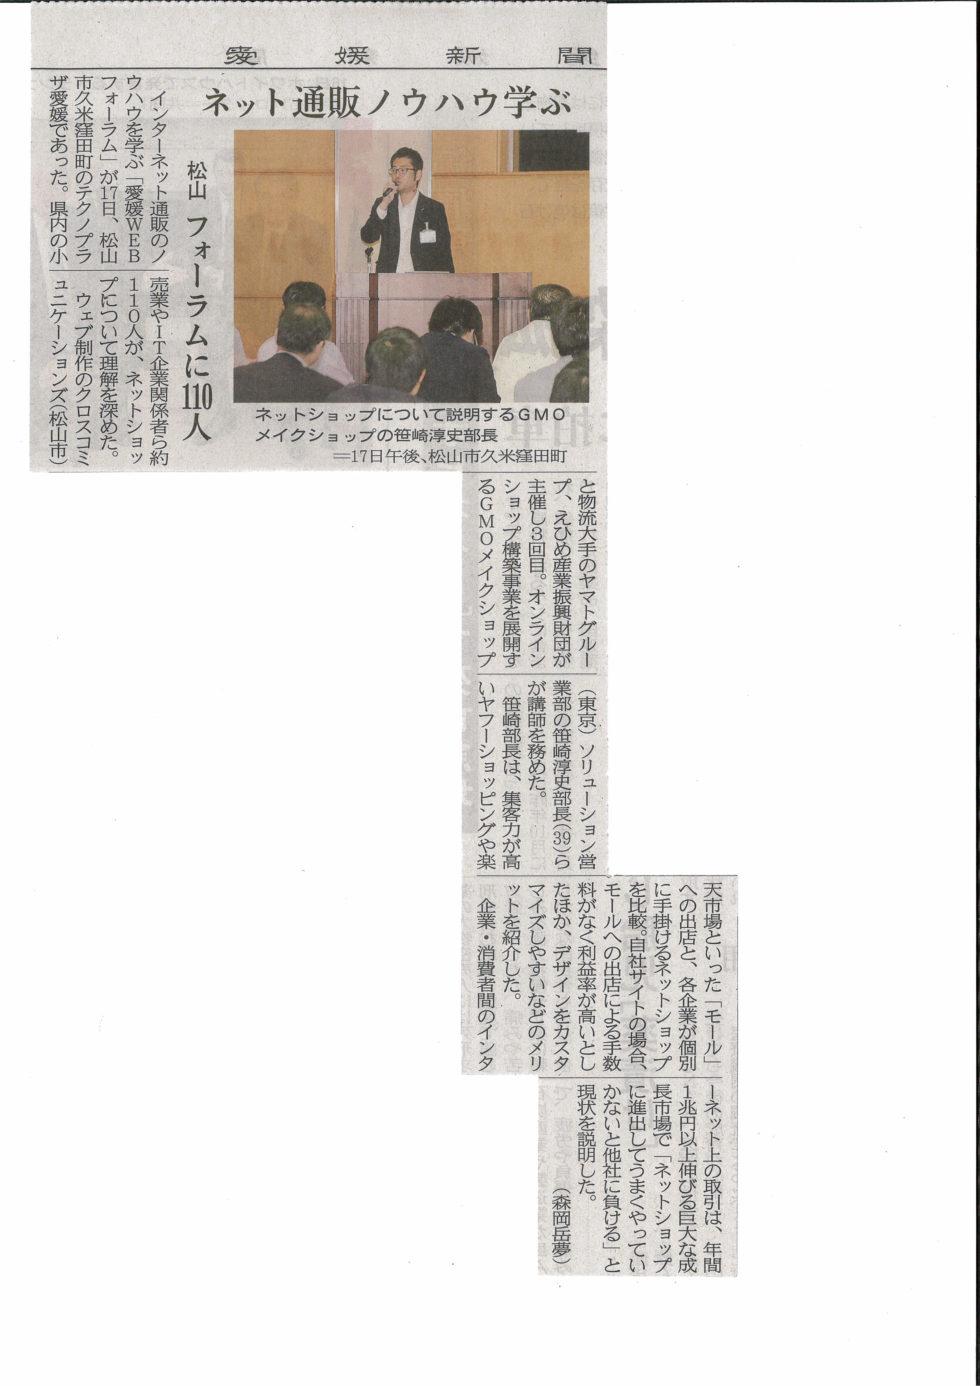 愛媛WEBフォーラム_愛媛新聞